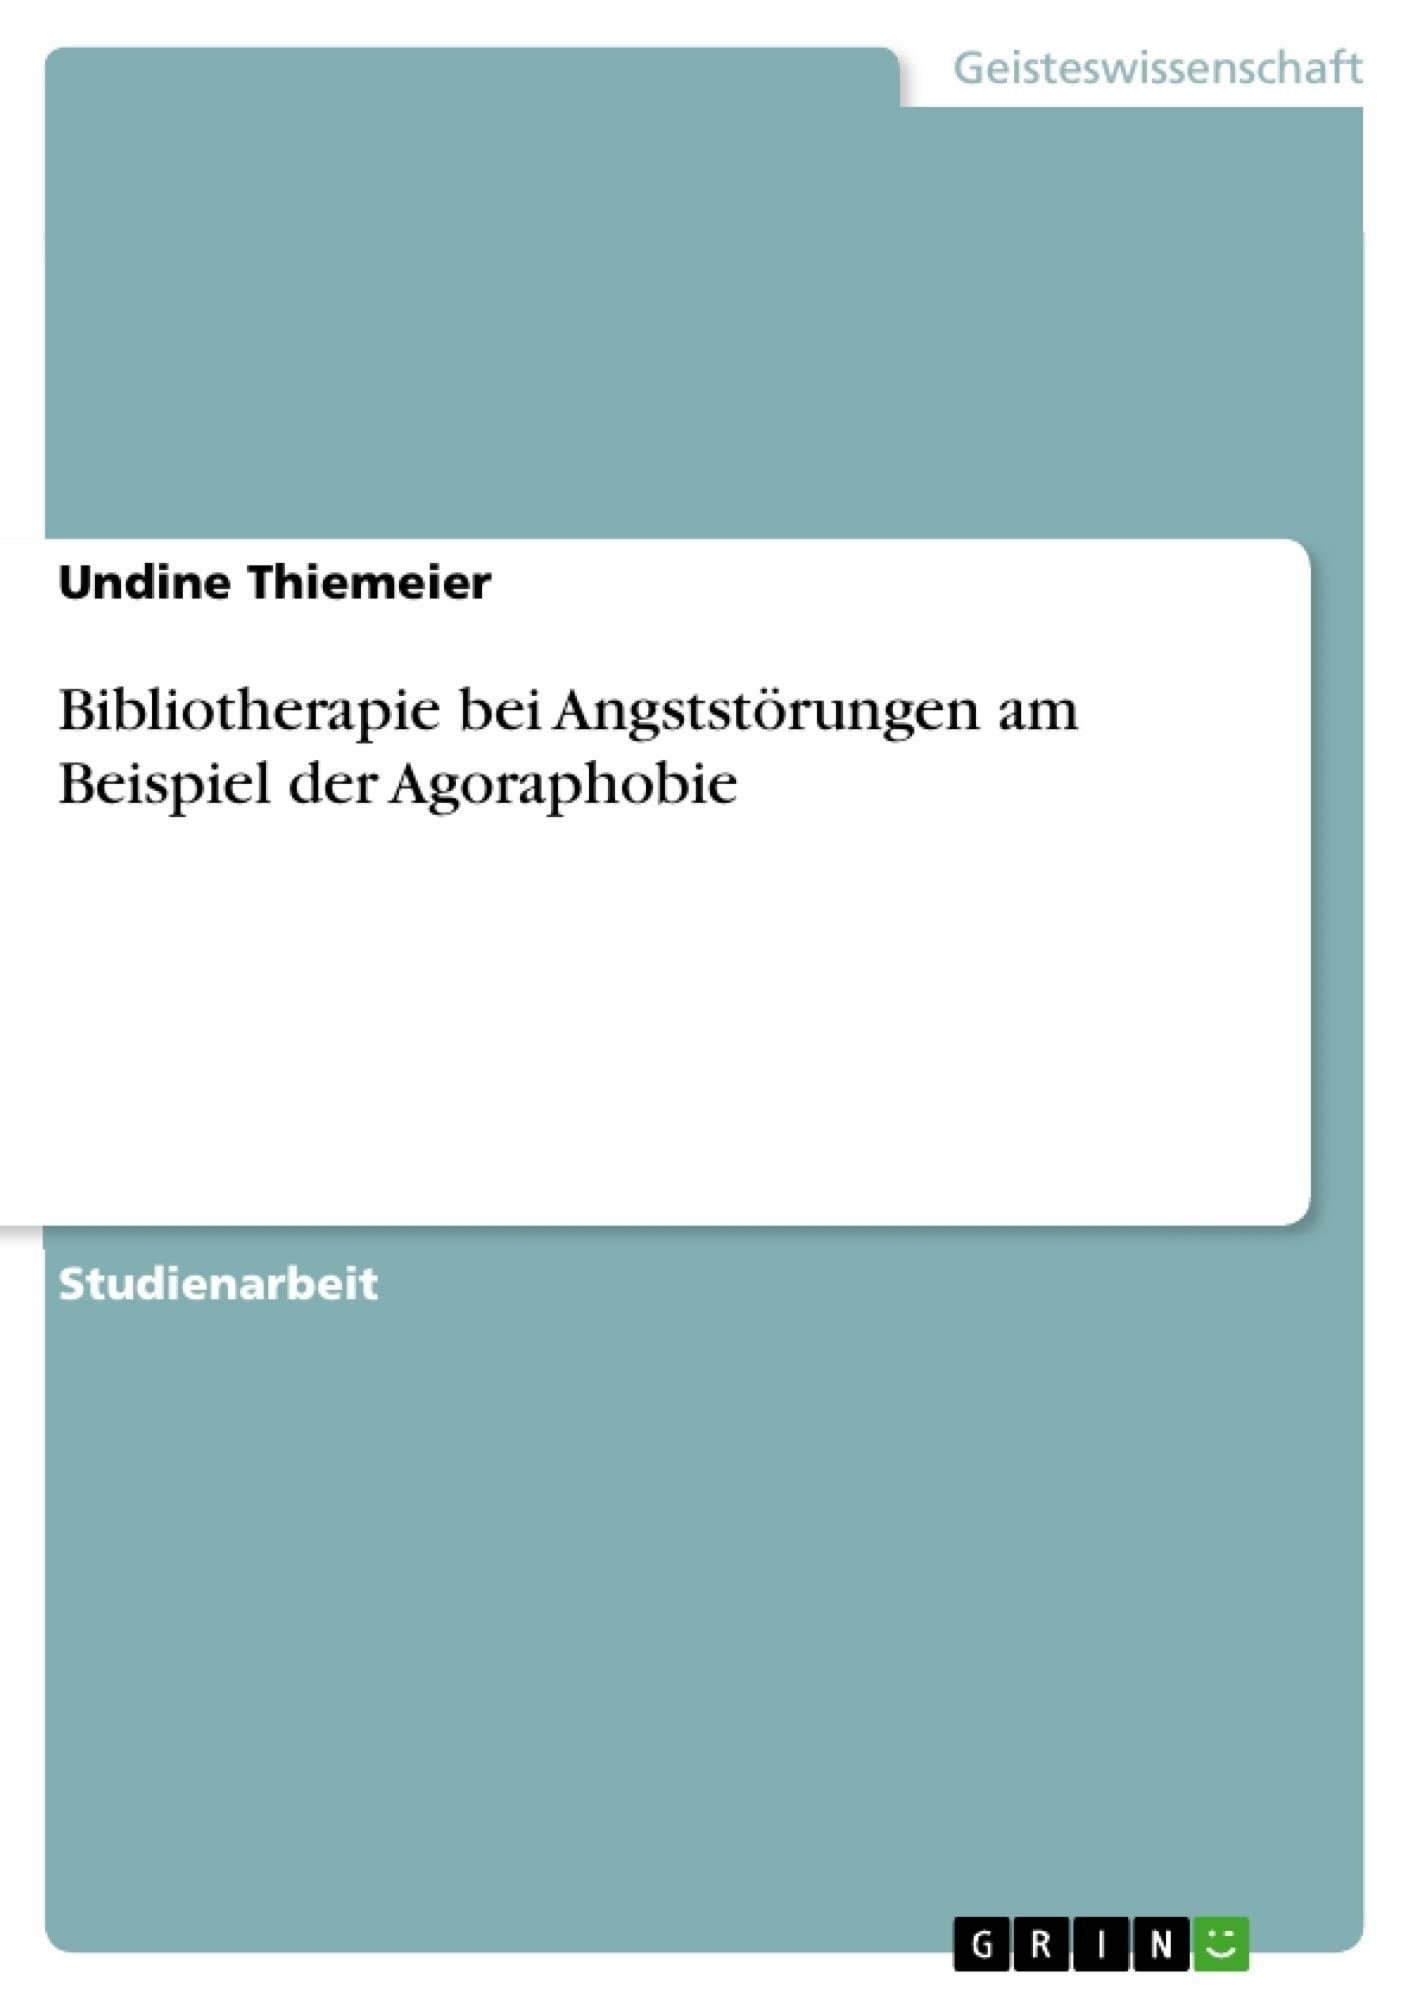 Titel: Bibliotherapie bei Angststörungen am Beispiel der Agoraphobie